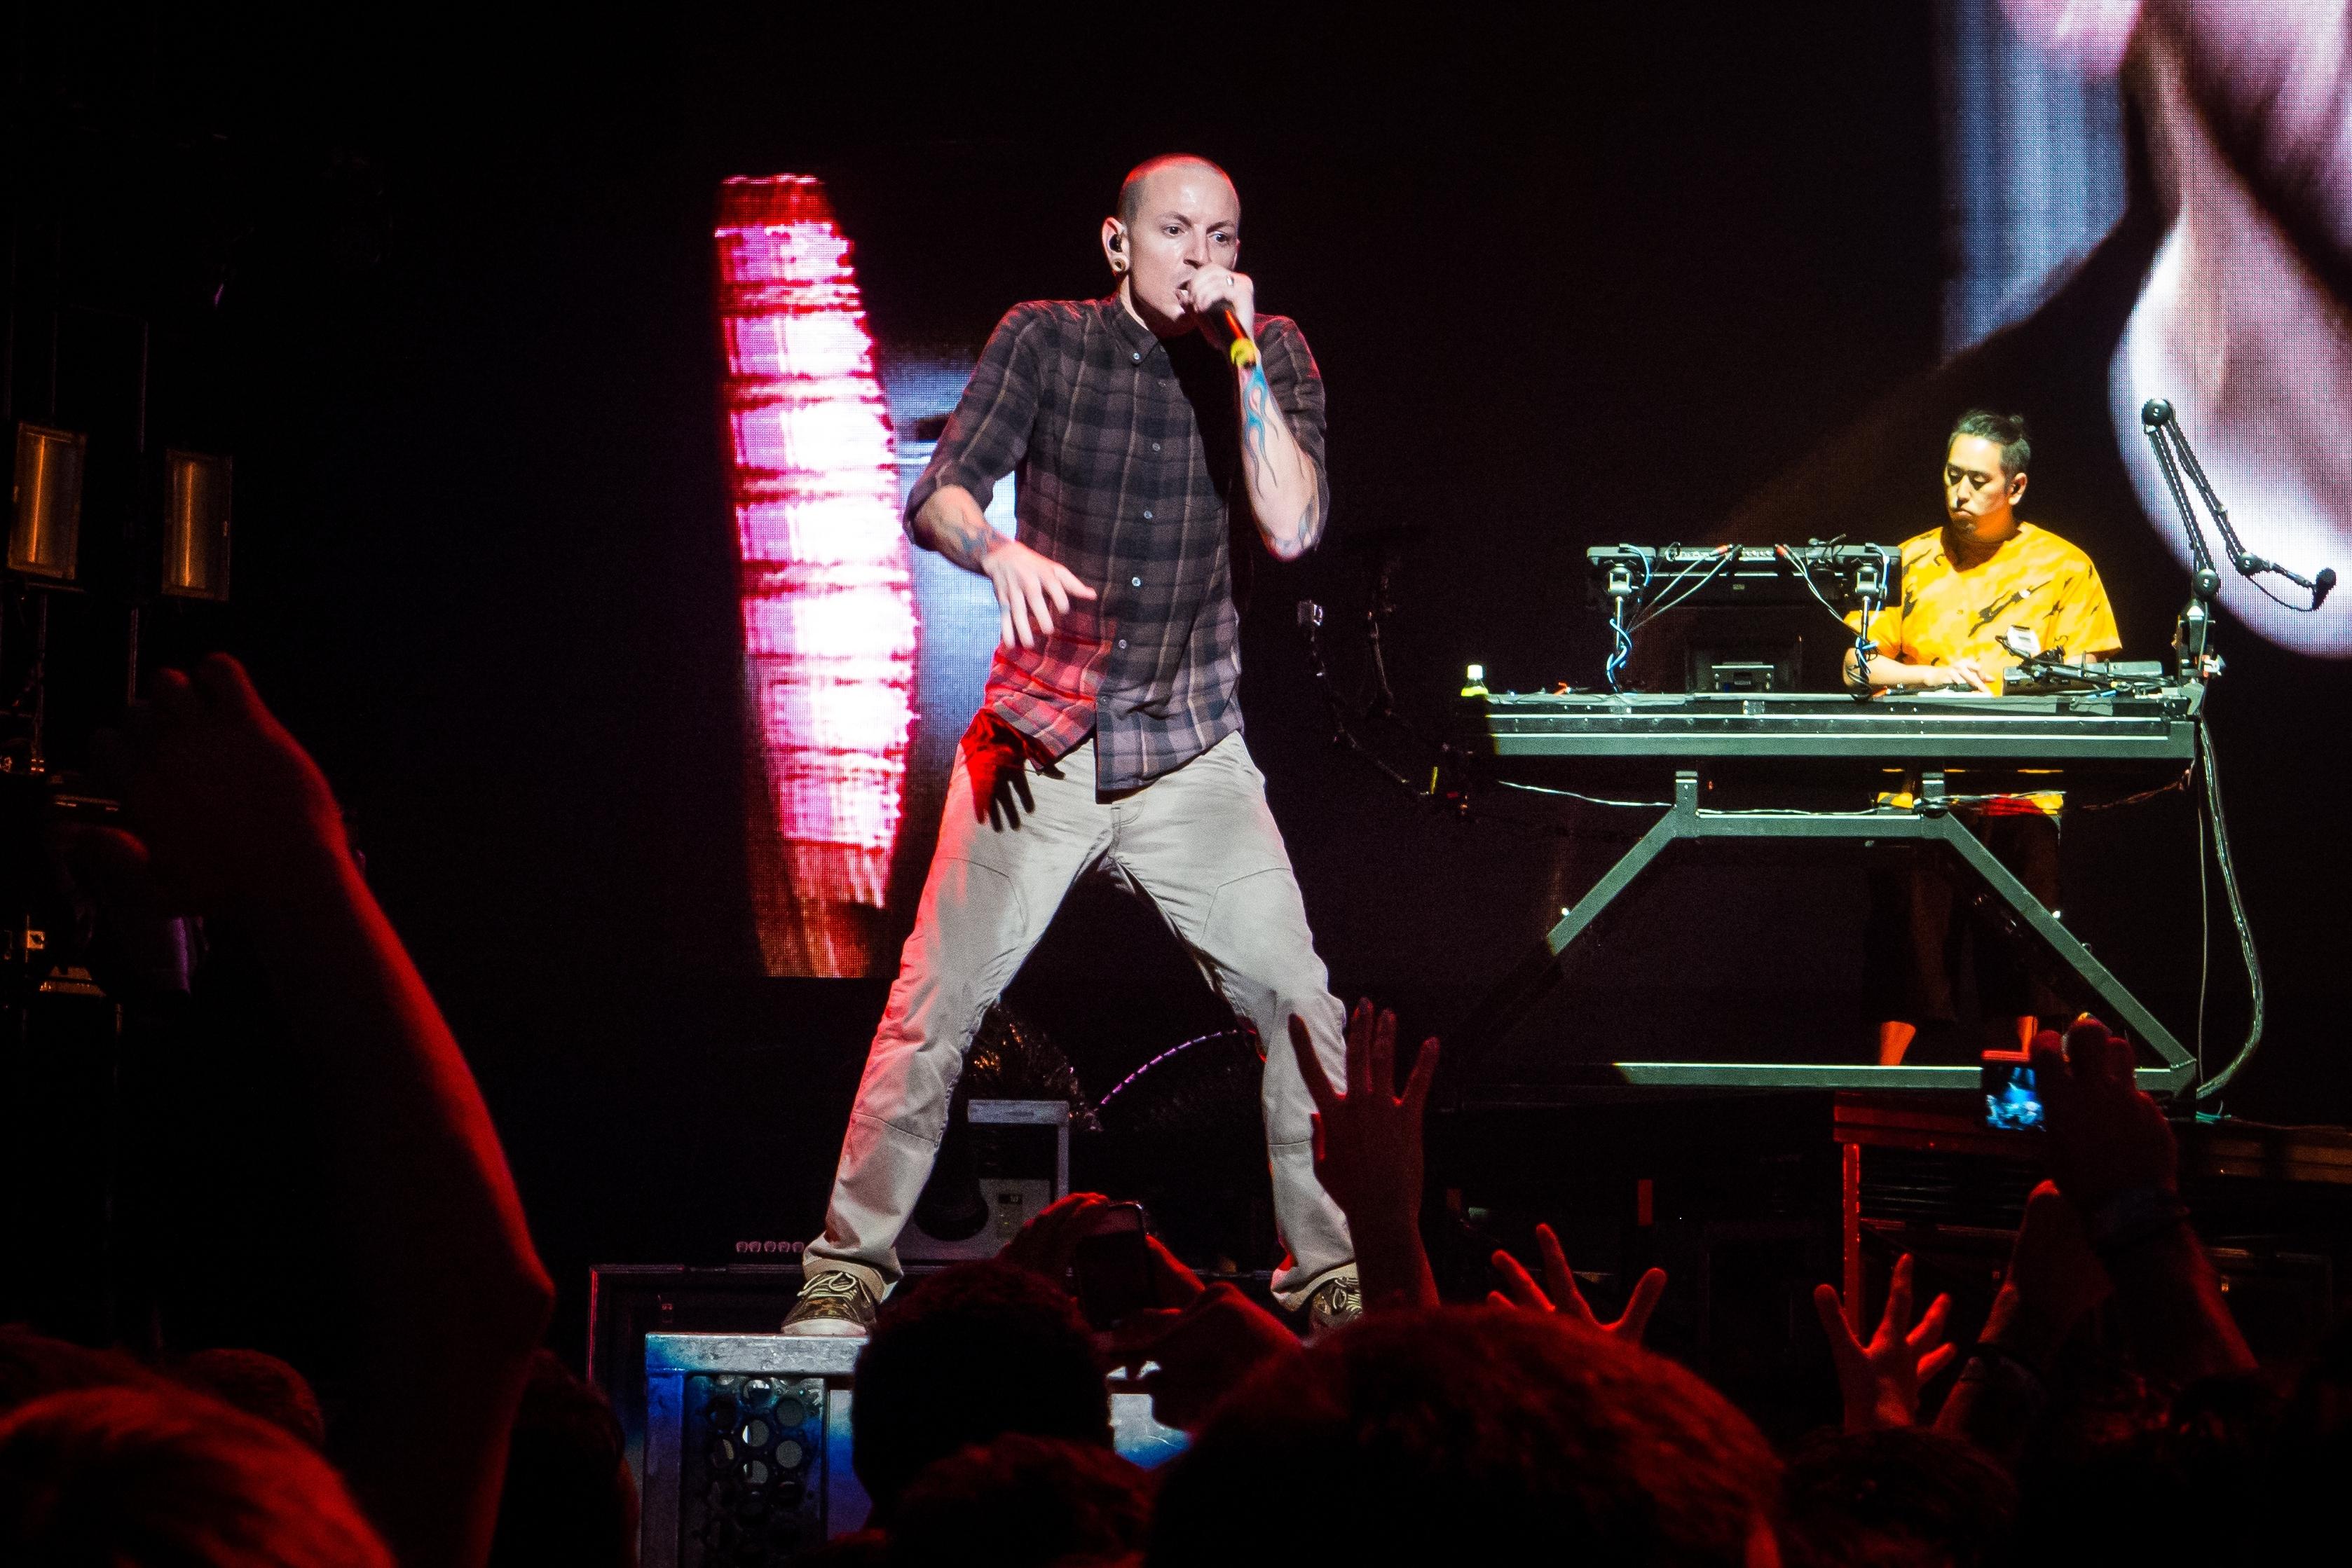 Клип Linkin Park в день смерти солиста собрал 5 млн просмотров